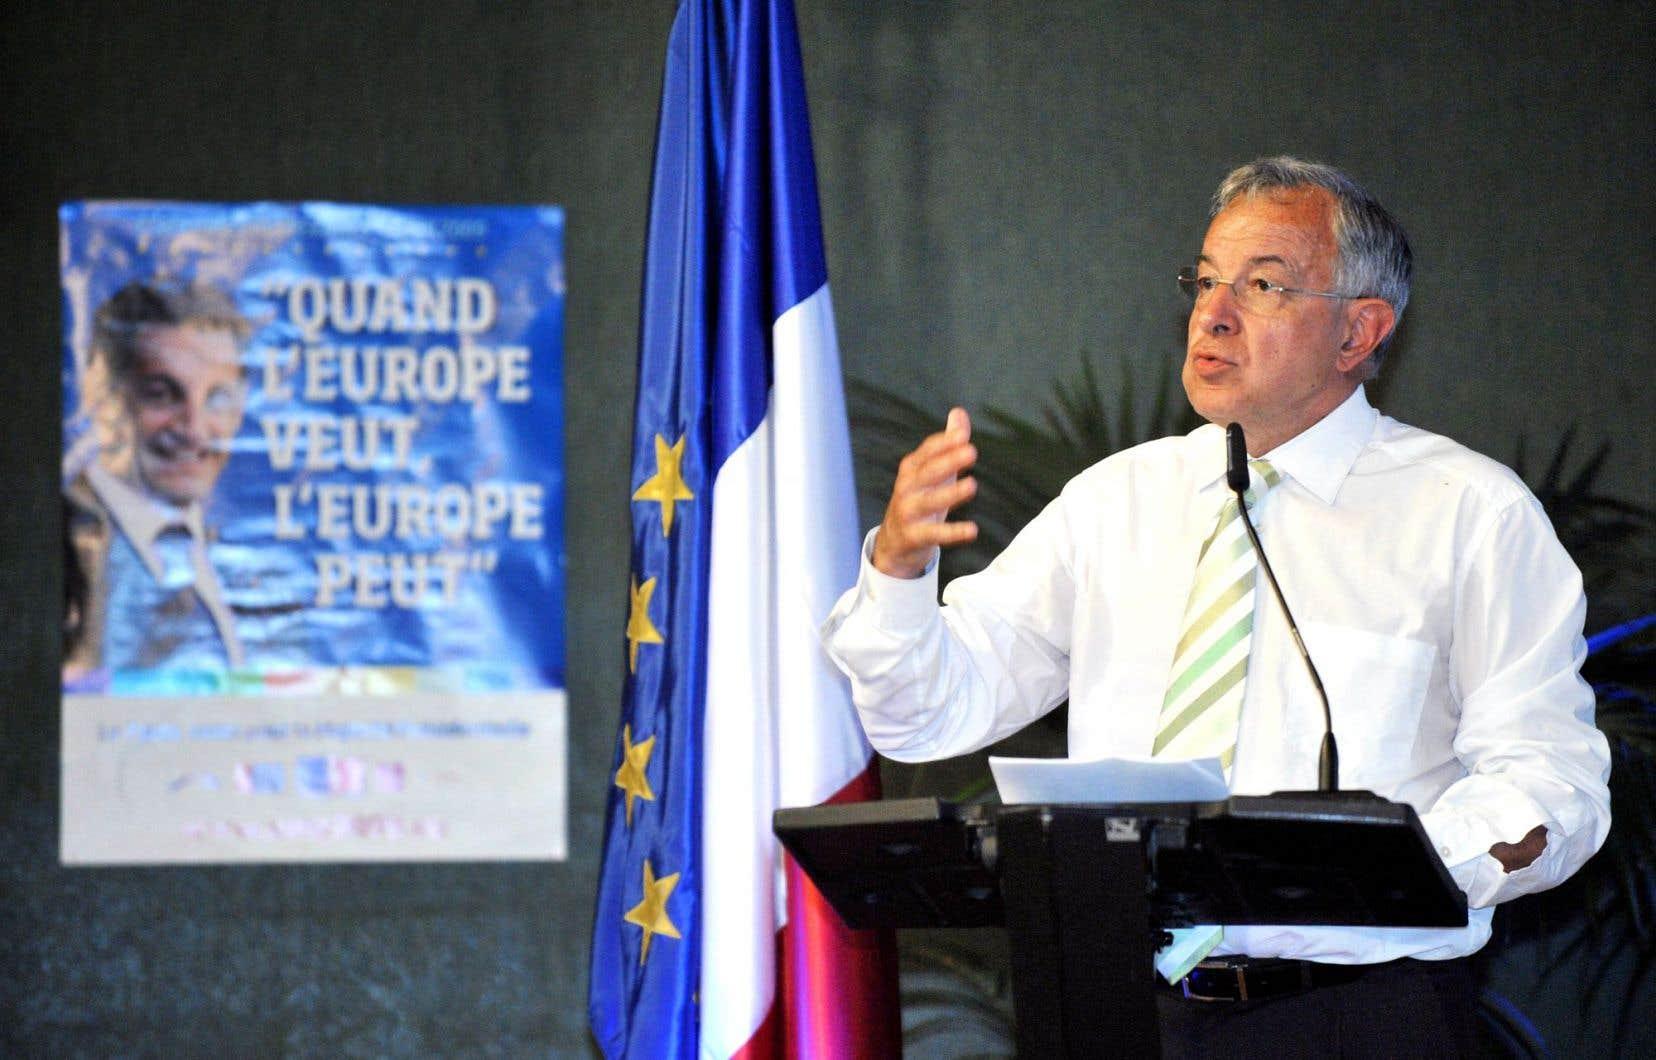 Alain Lamassoure: «Il y aura désormais un avant et un après LuxLeaks, comme il y a eu un avant et un après Lehman Brothers.»